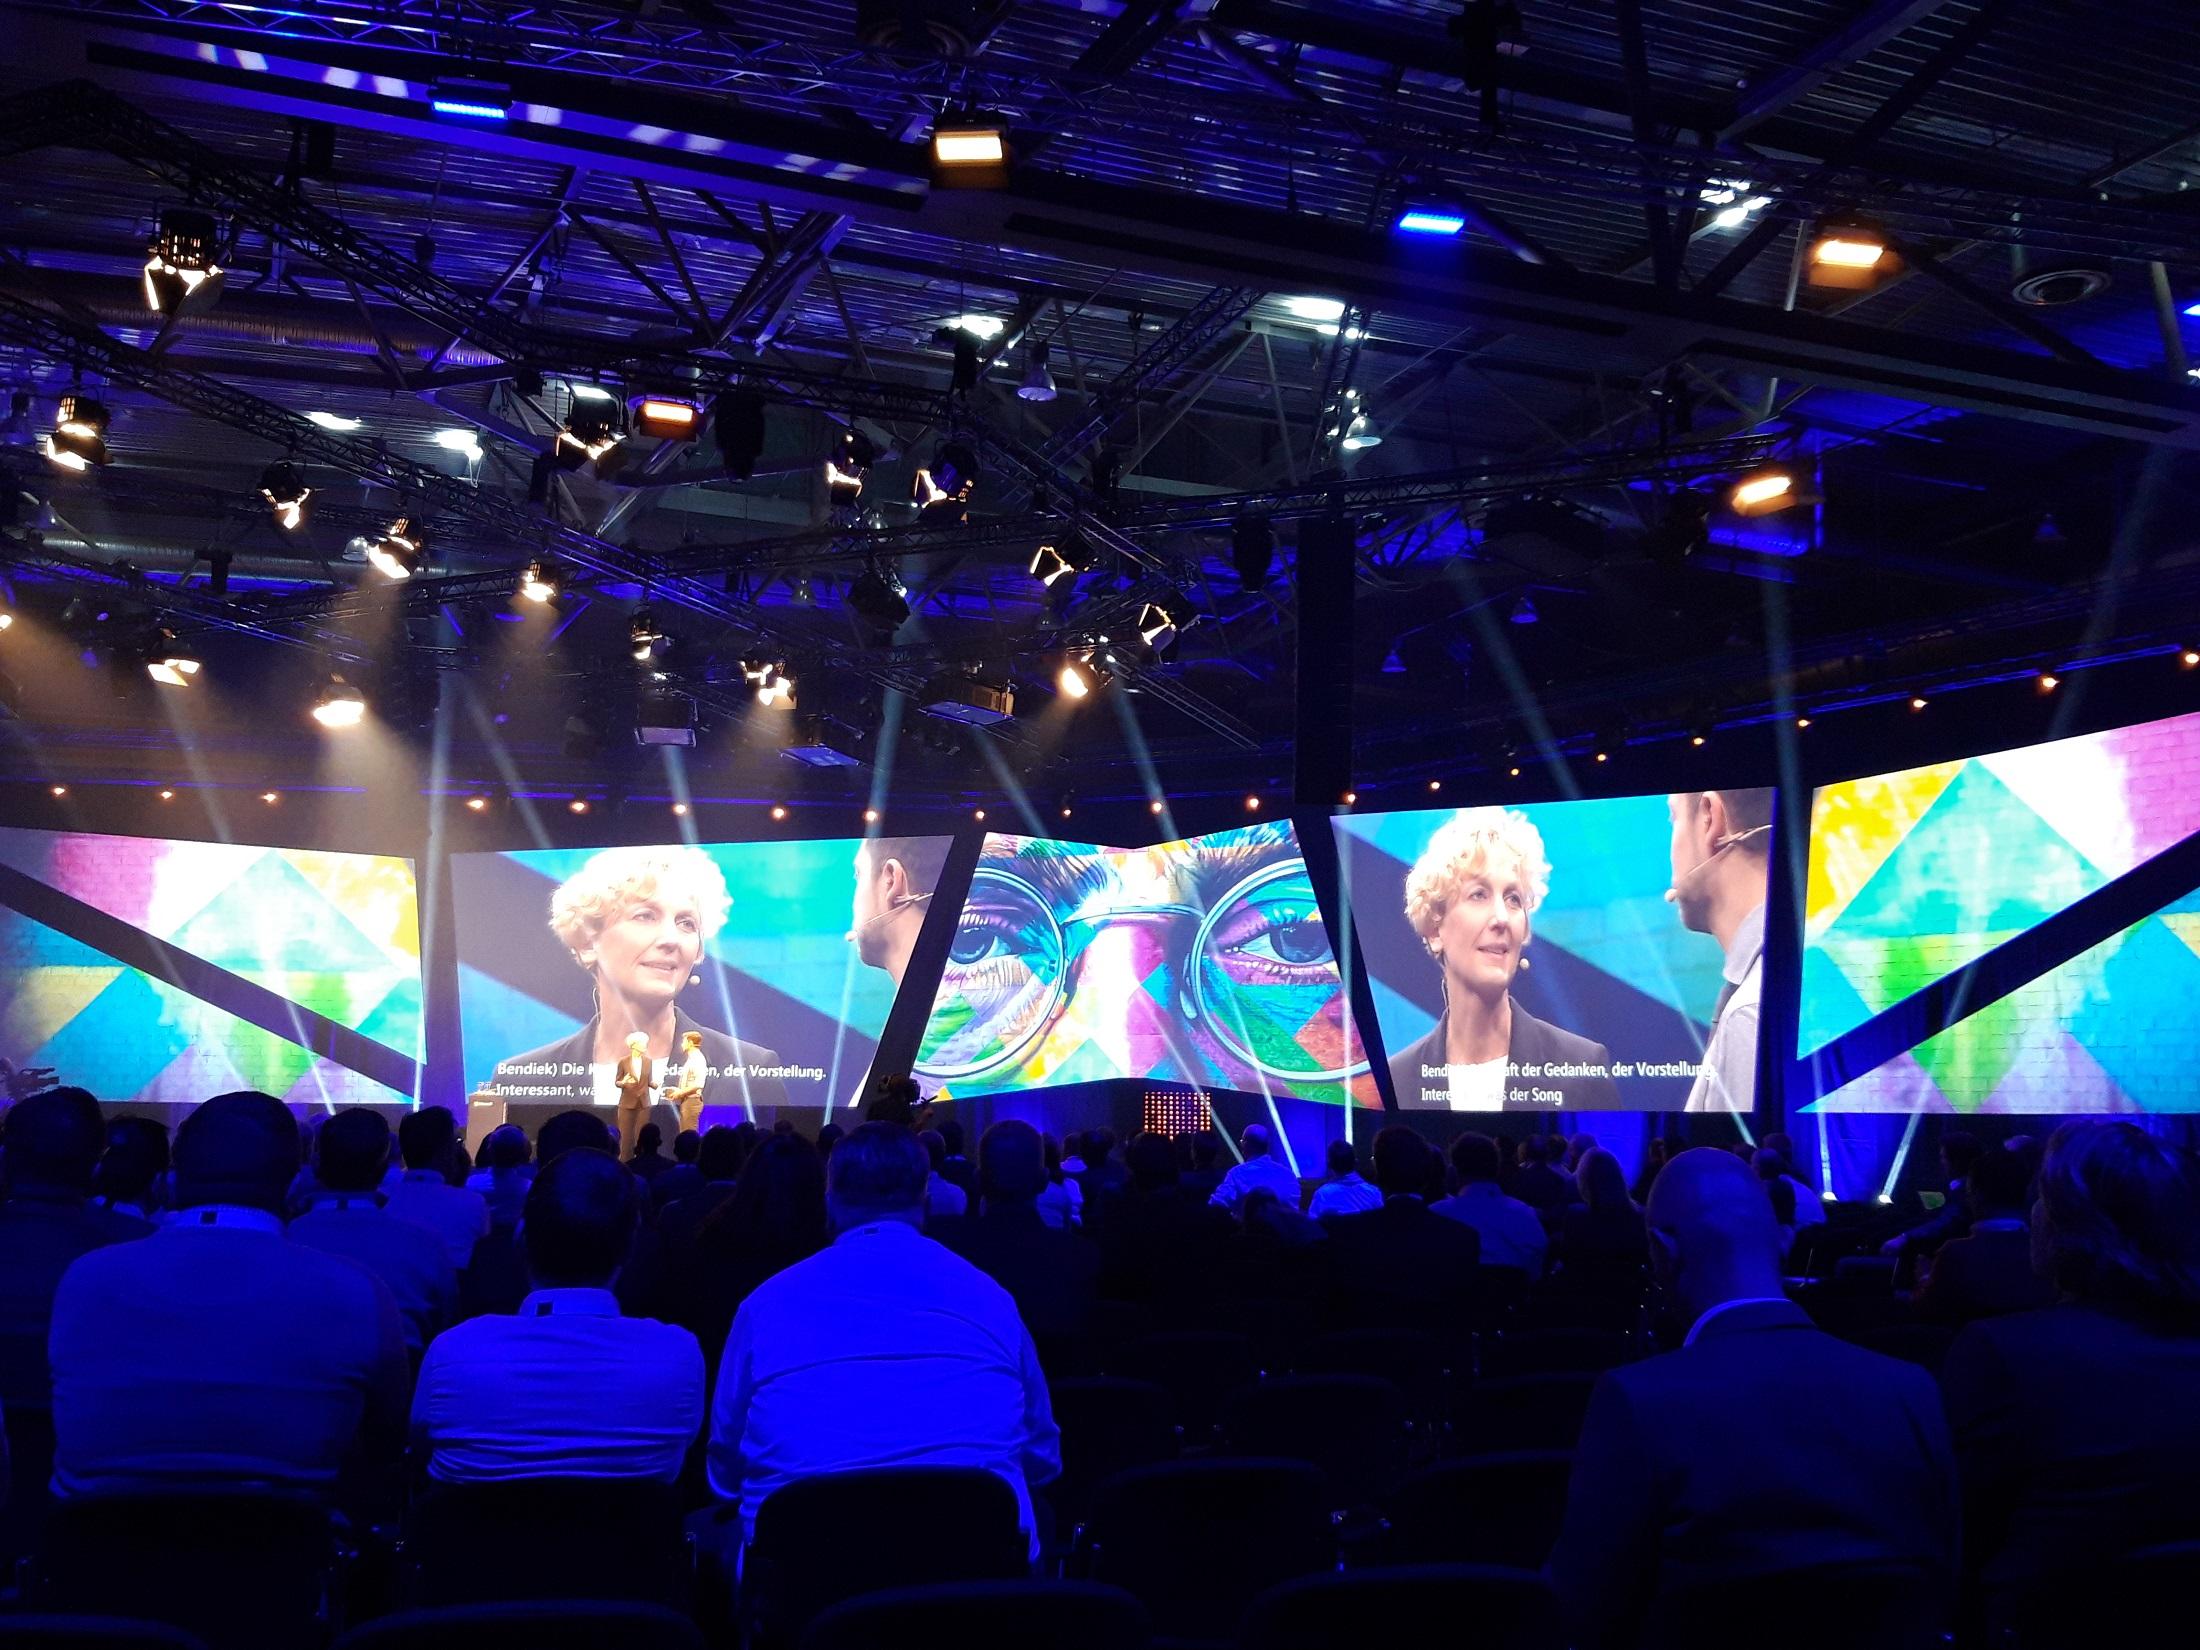 synalis auf der Microsoft Partnerveranstaltung mit Sabine Bendiek